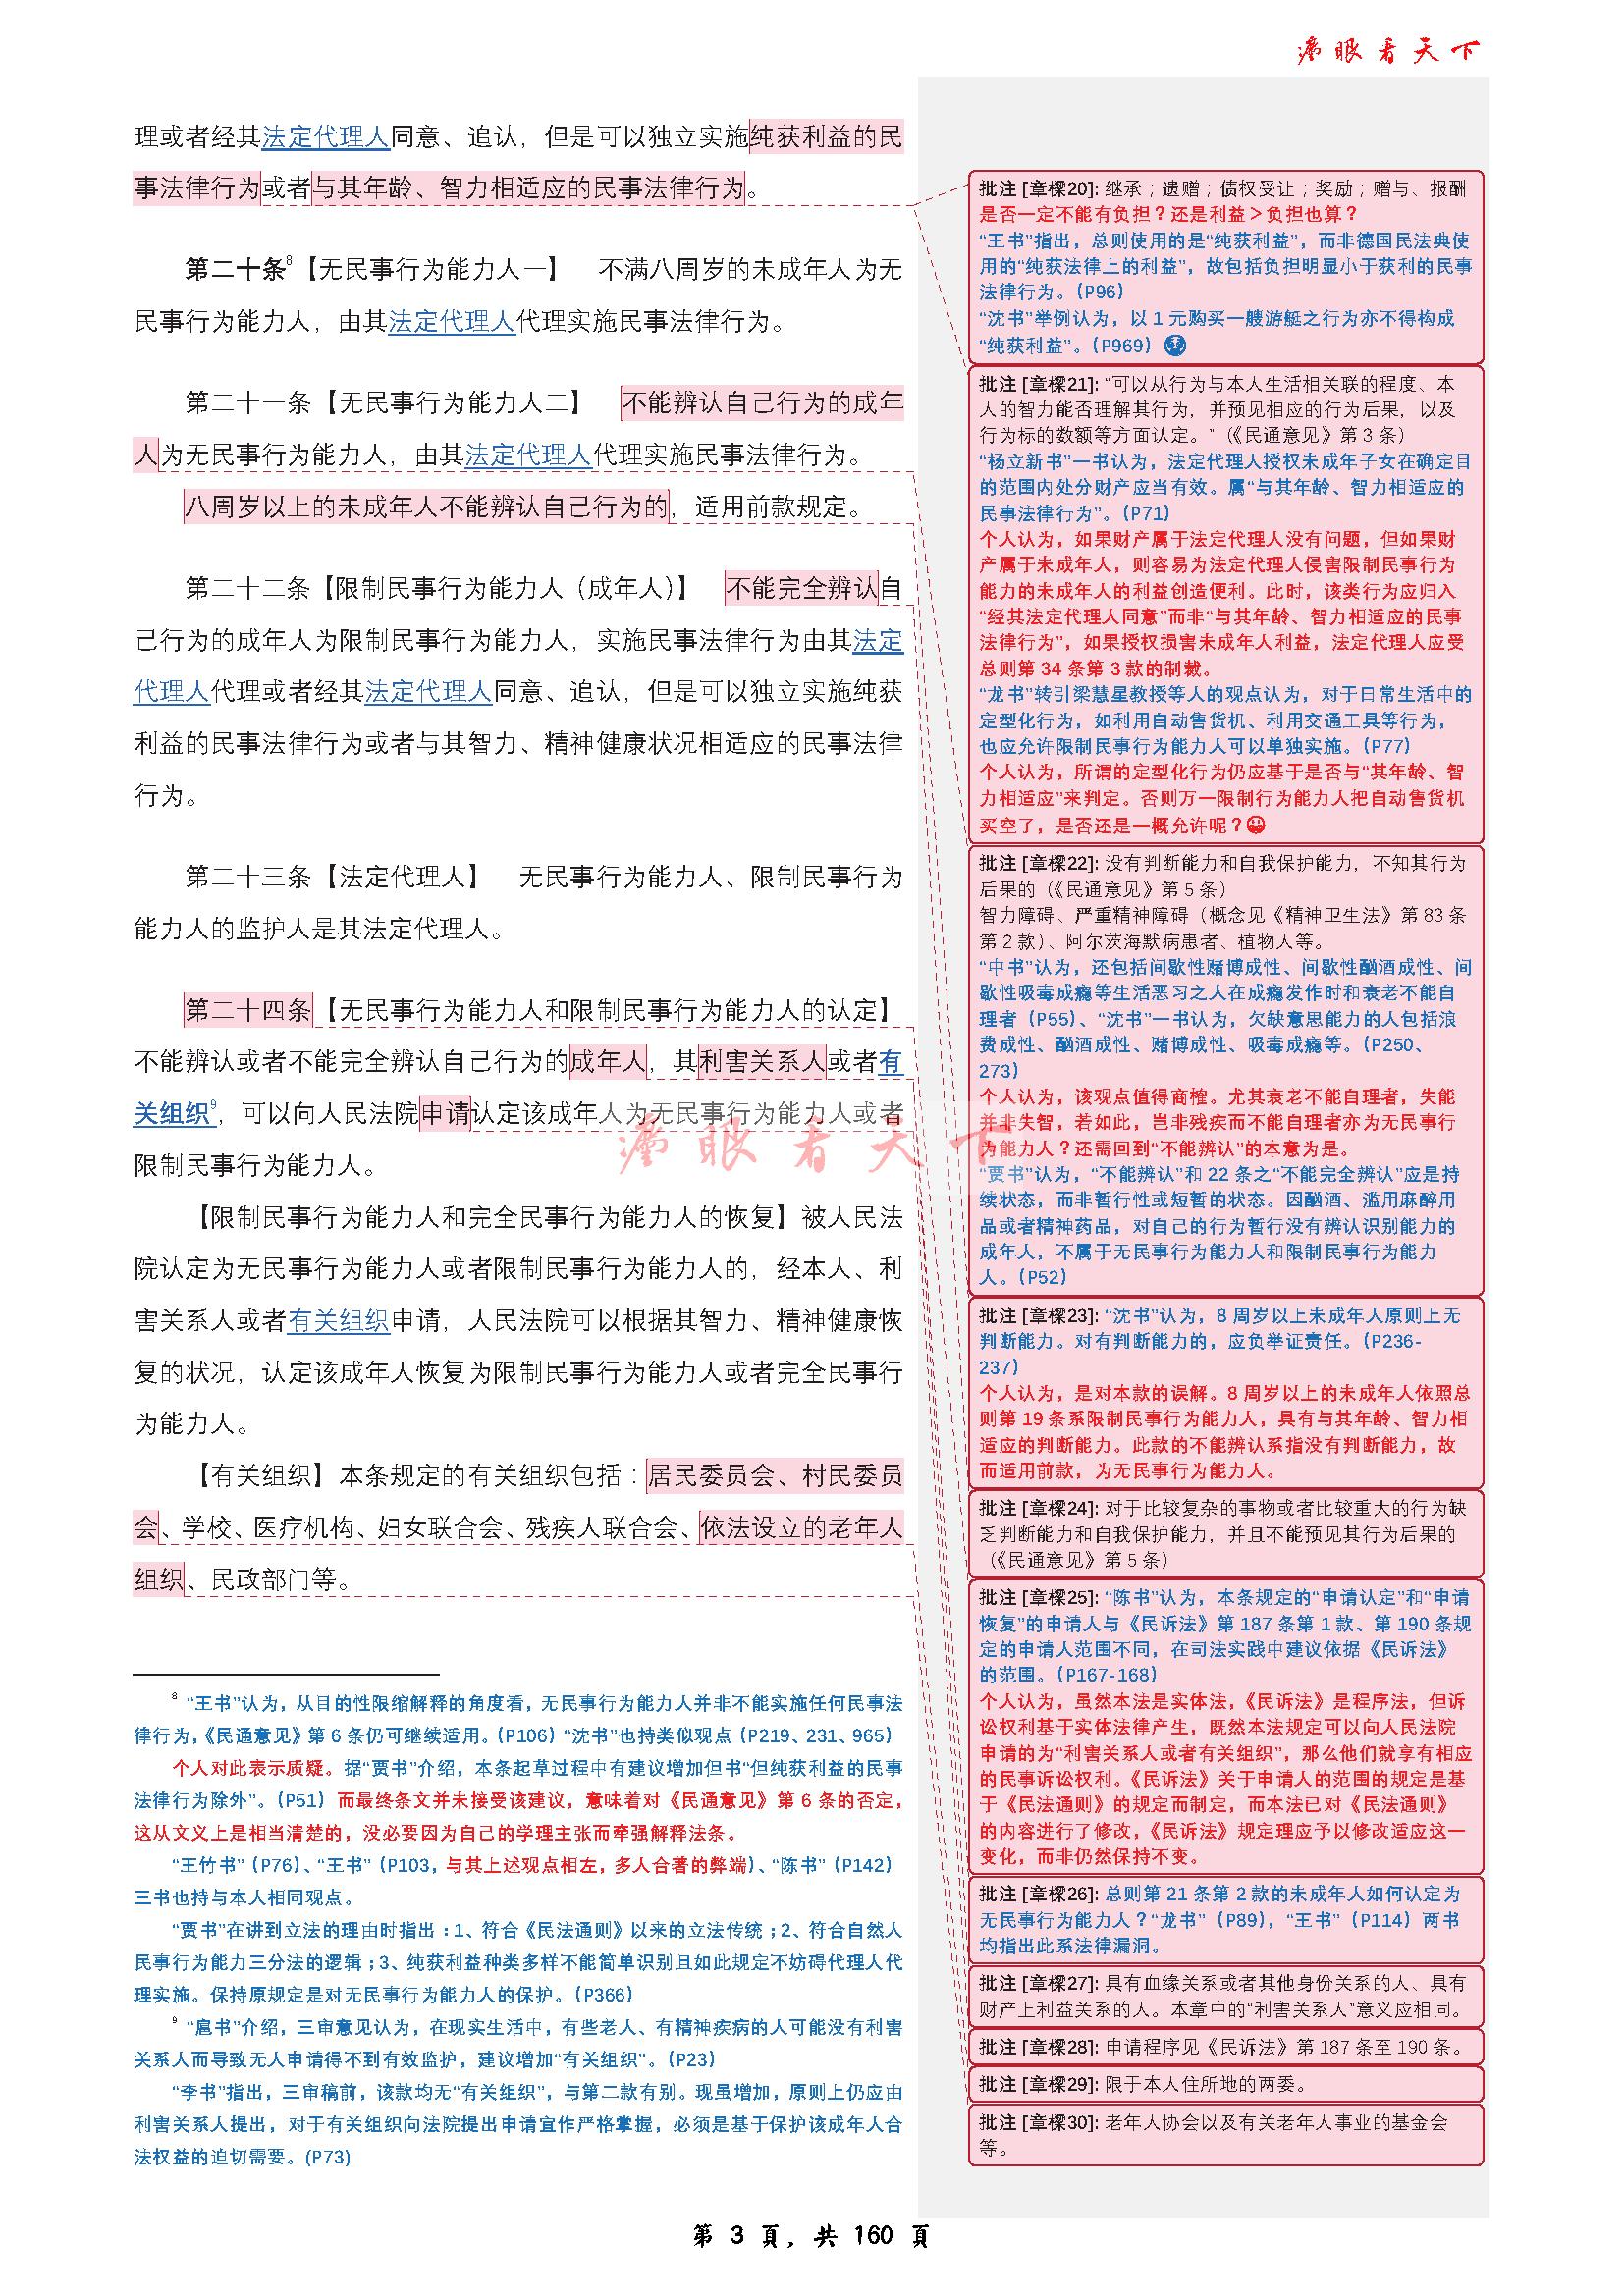 民法总则批注_页面_03.png